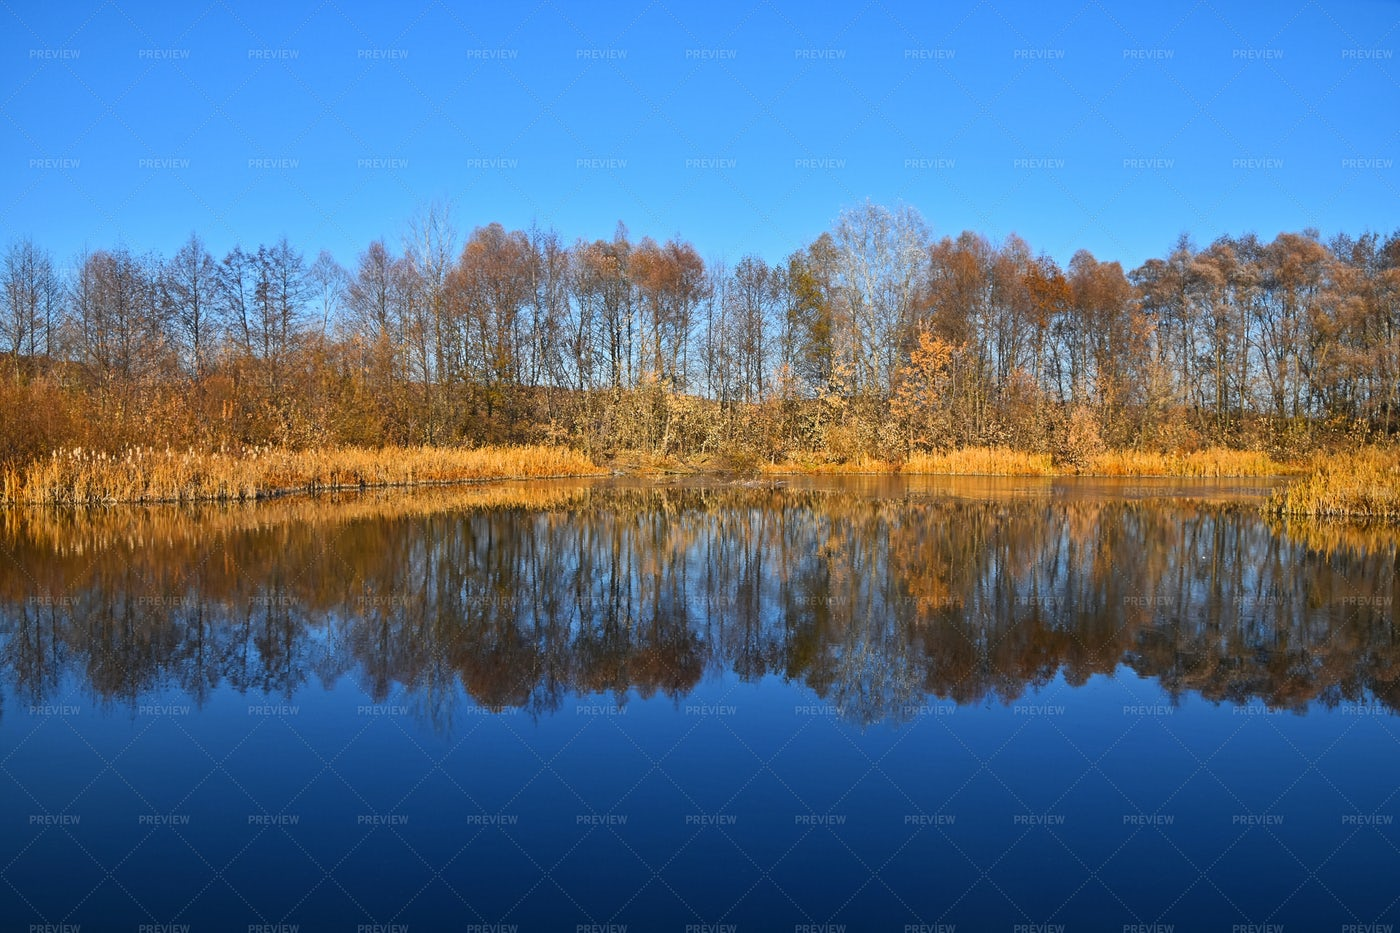 Autumn Trees Reflection In Lake: Stock Photos